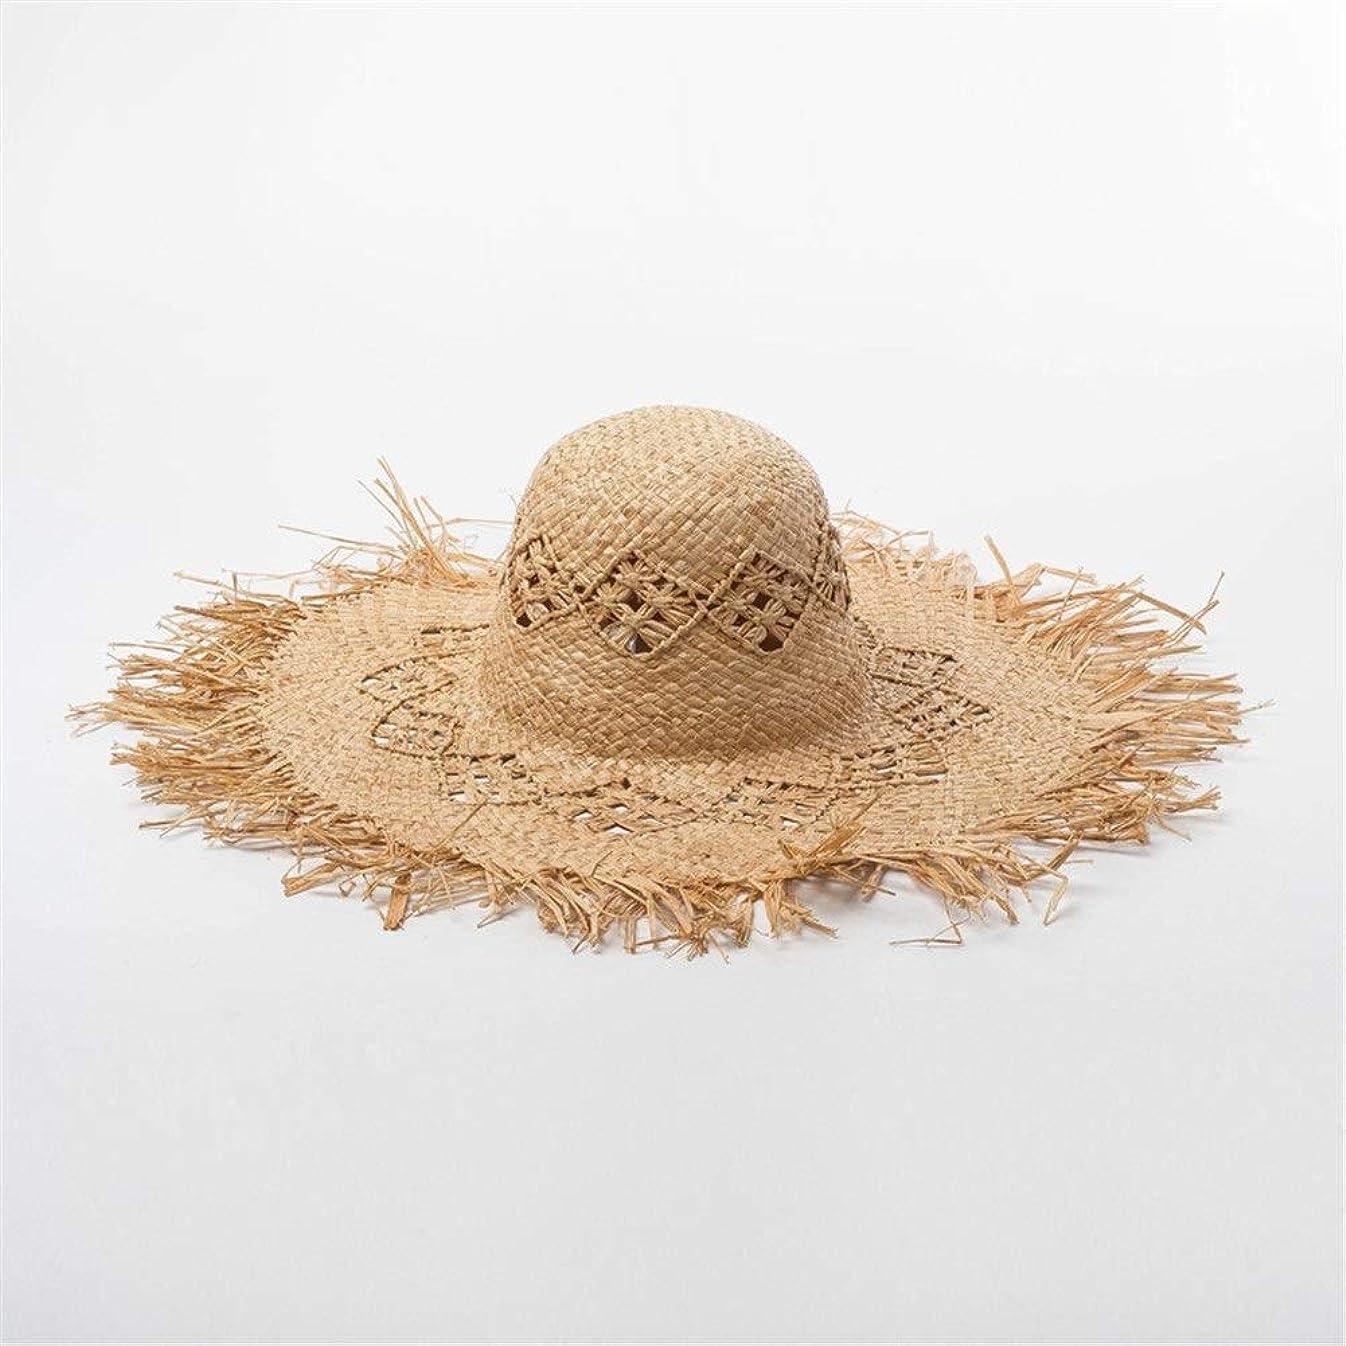 ために劇作家気体の春と夏の手作り透かし彫り生エッジラフィア大きな帽子日焼け止めビーチラフィット麦わら帽子